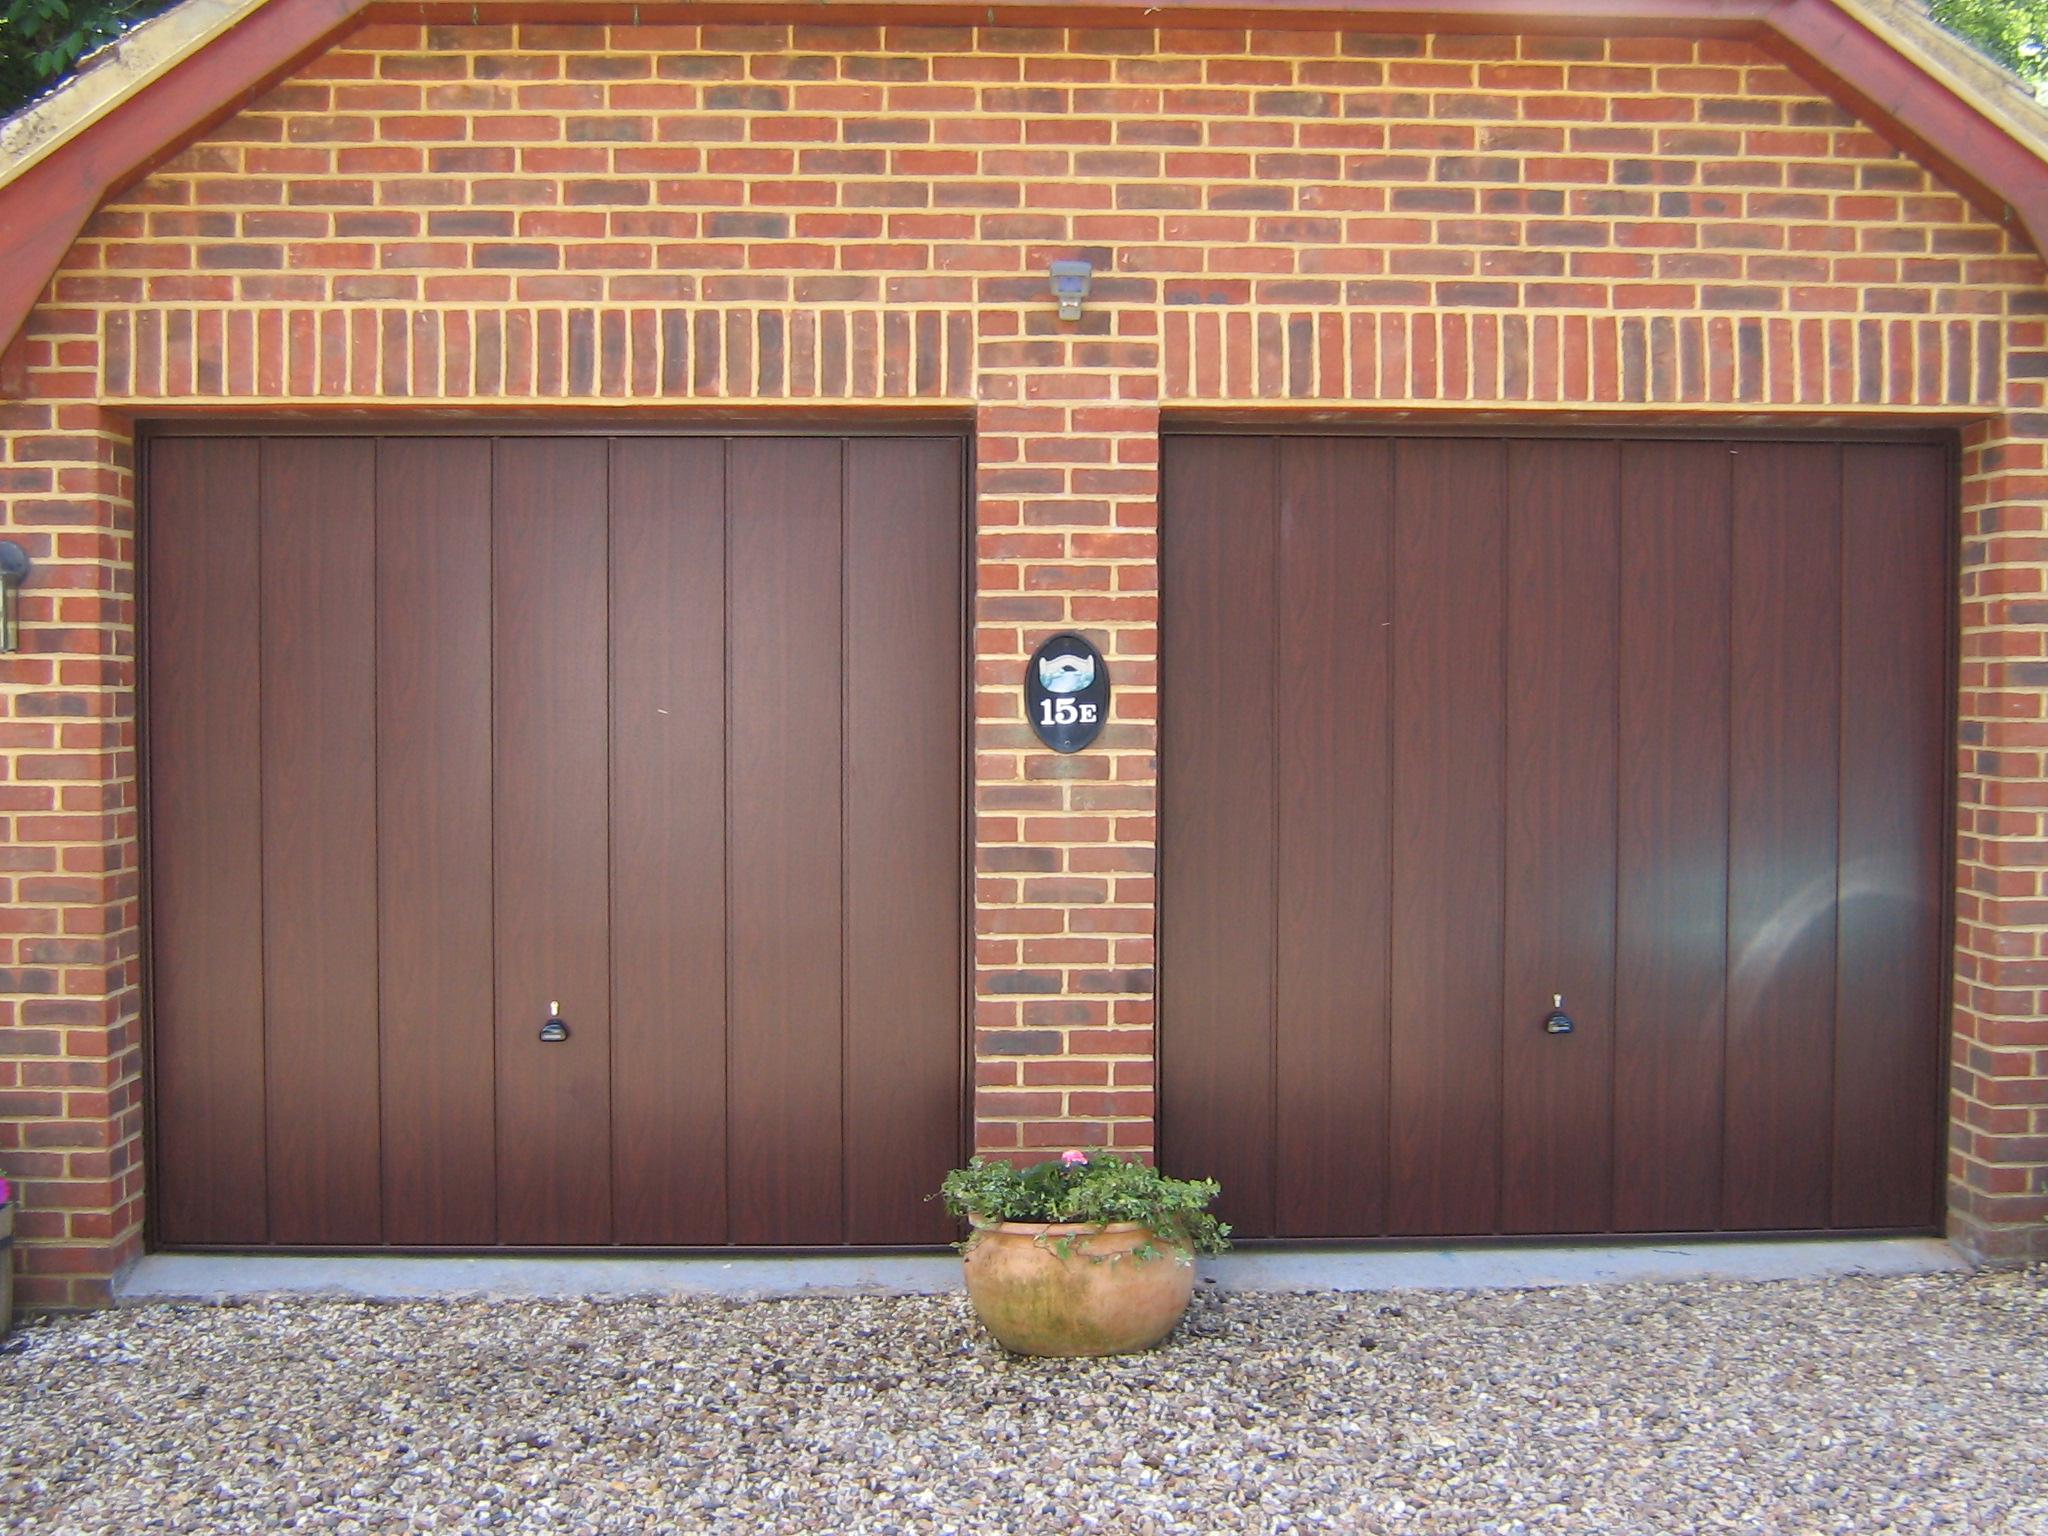 1536 #986D33 New Garage Doors Andover Garage Doors Hampshire image New Garage Doors 36932048